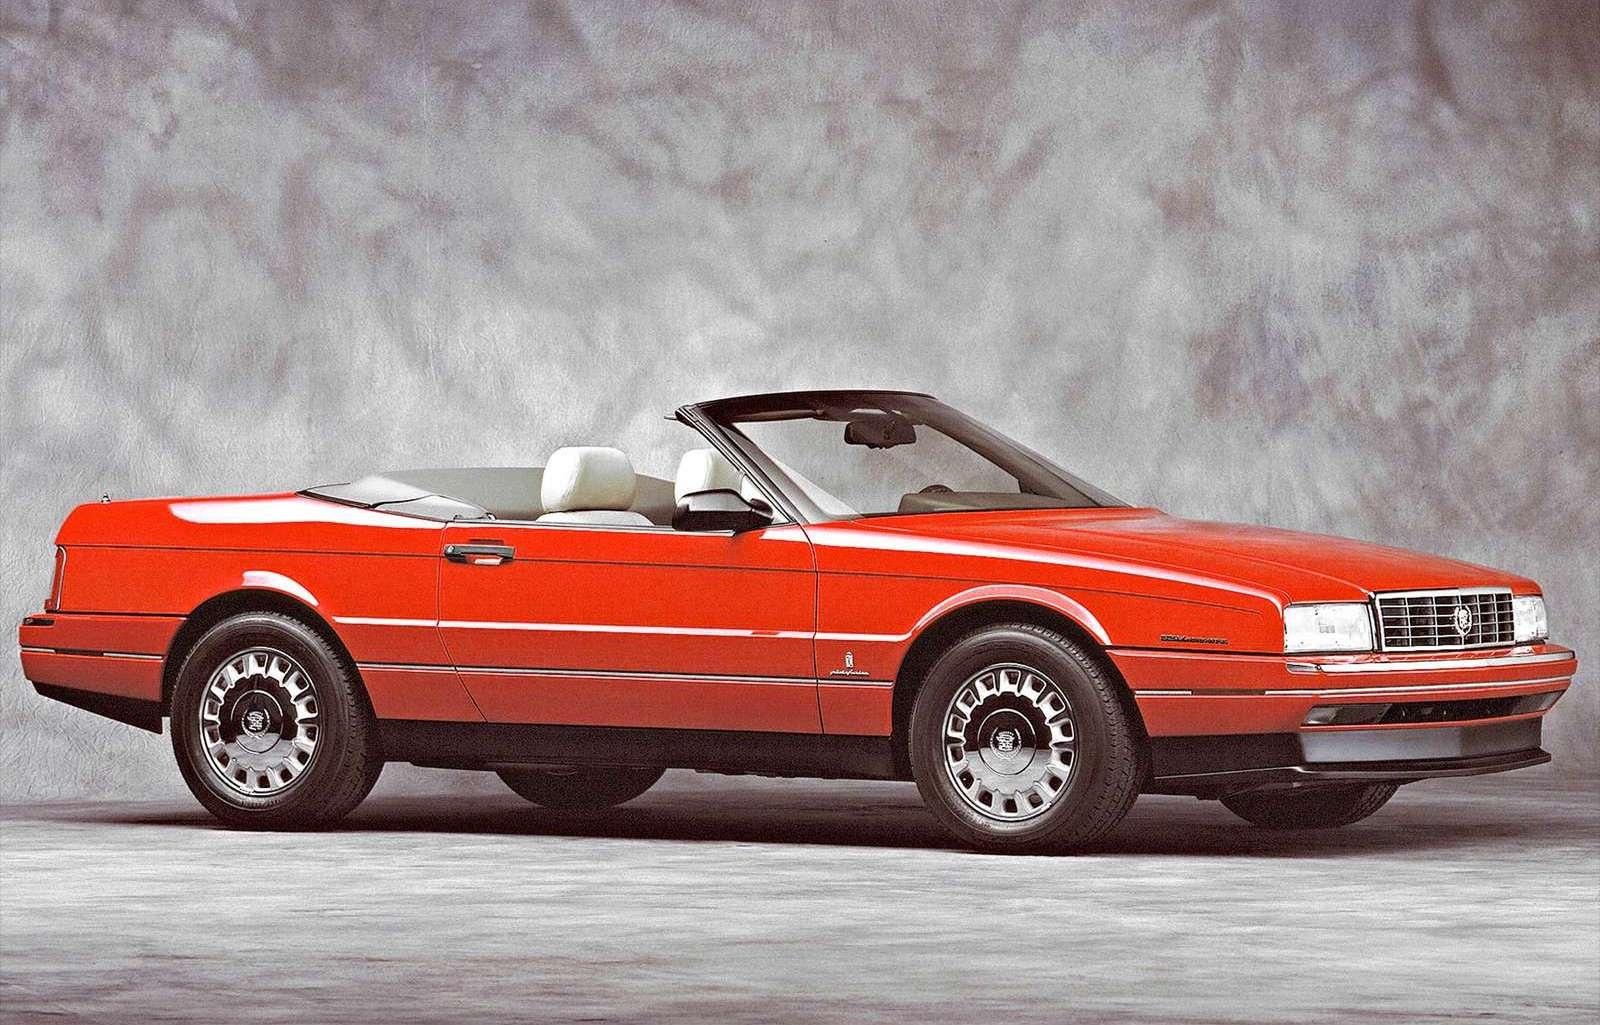 1989 Cadillac Allante red converitble